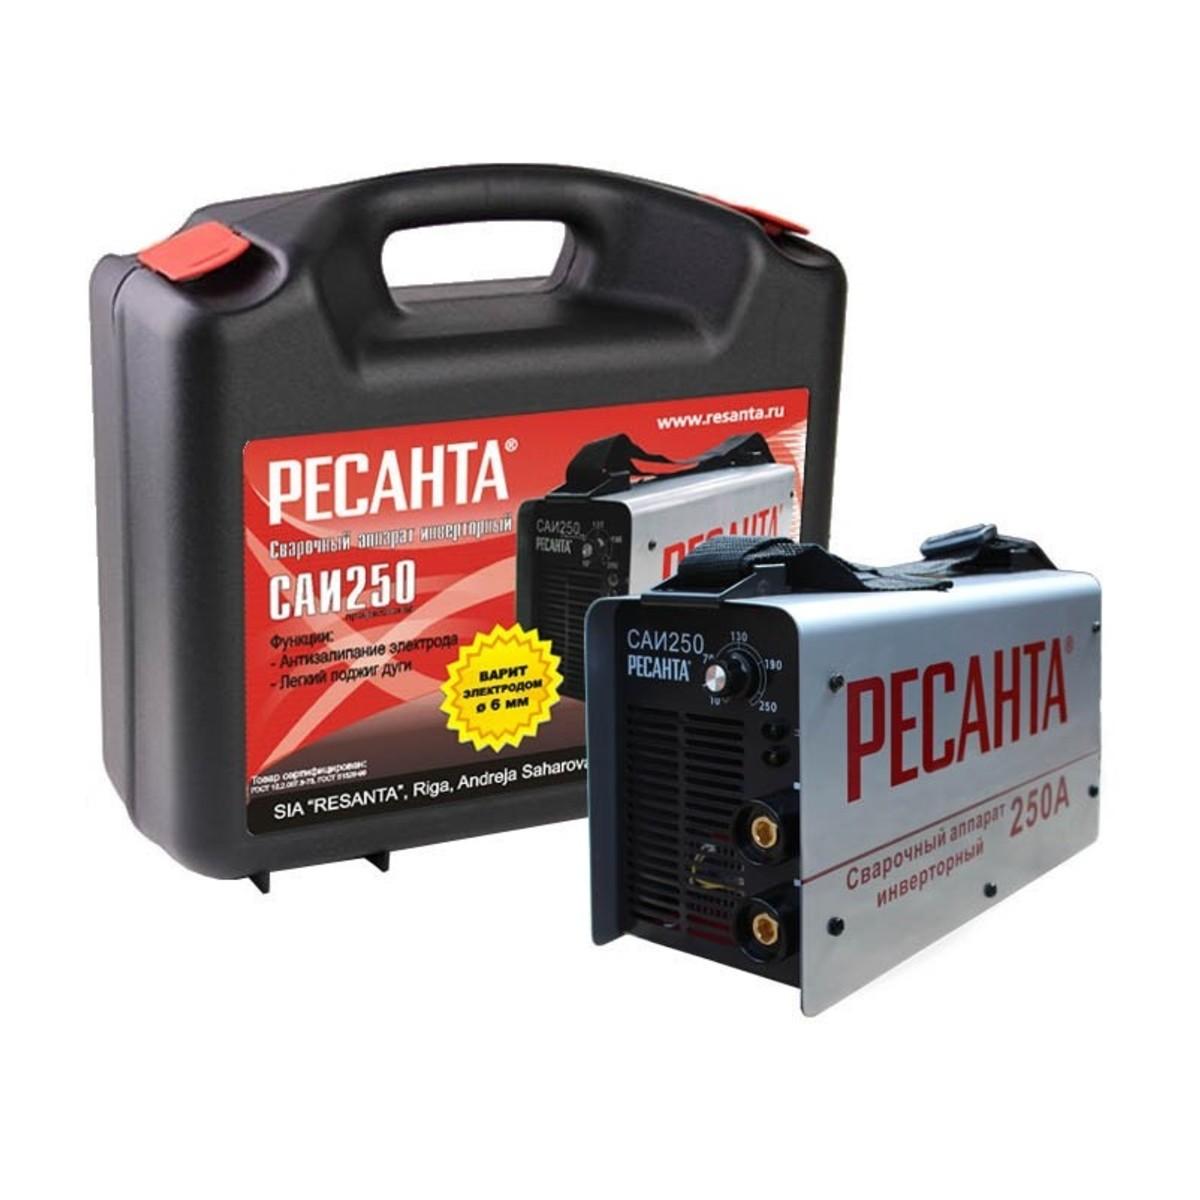 Дуговой Сварочный Инвертор Ресанта Саи-250 В Кейсе 00-00000711